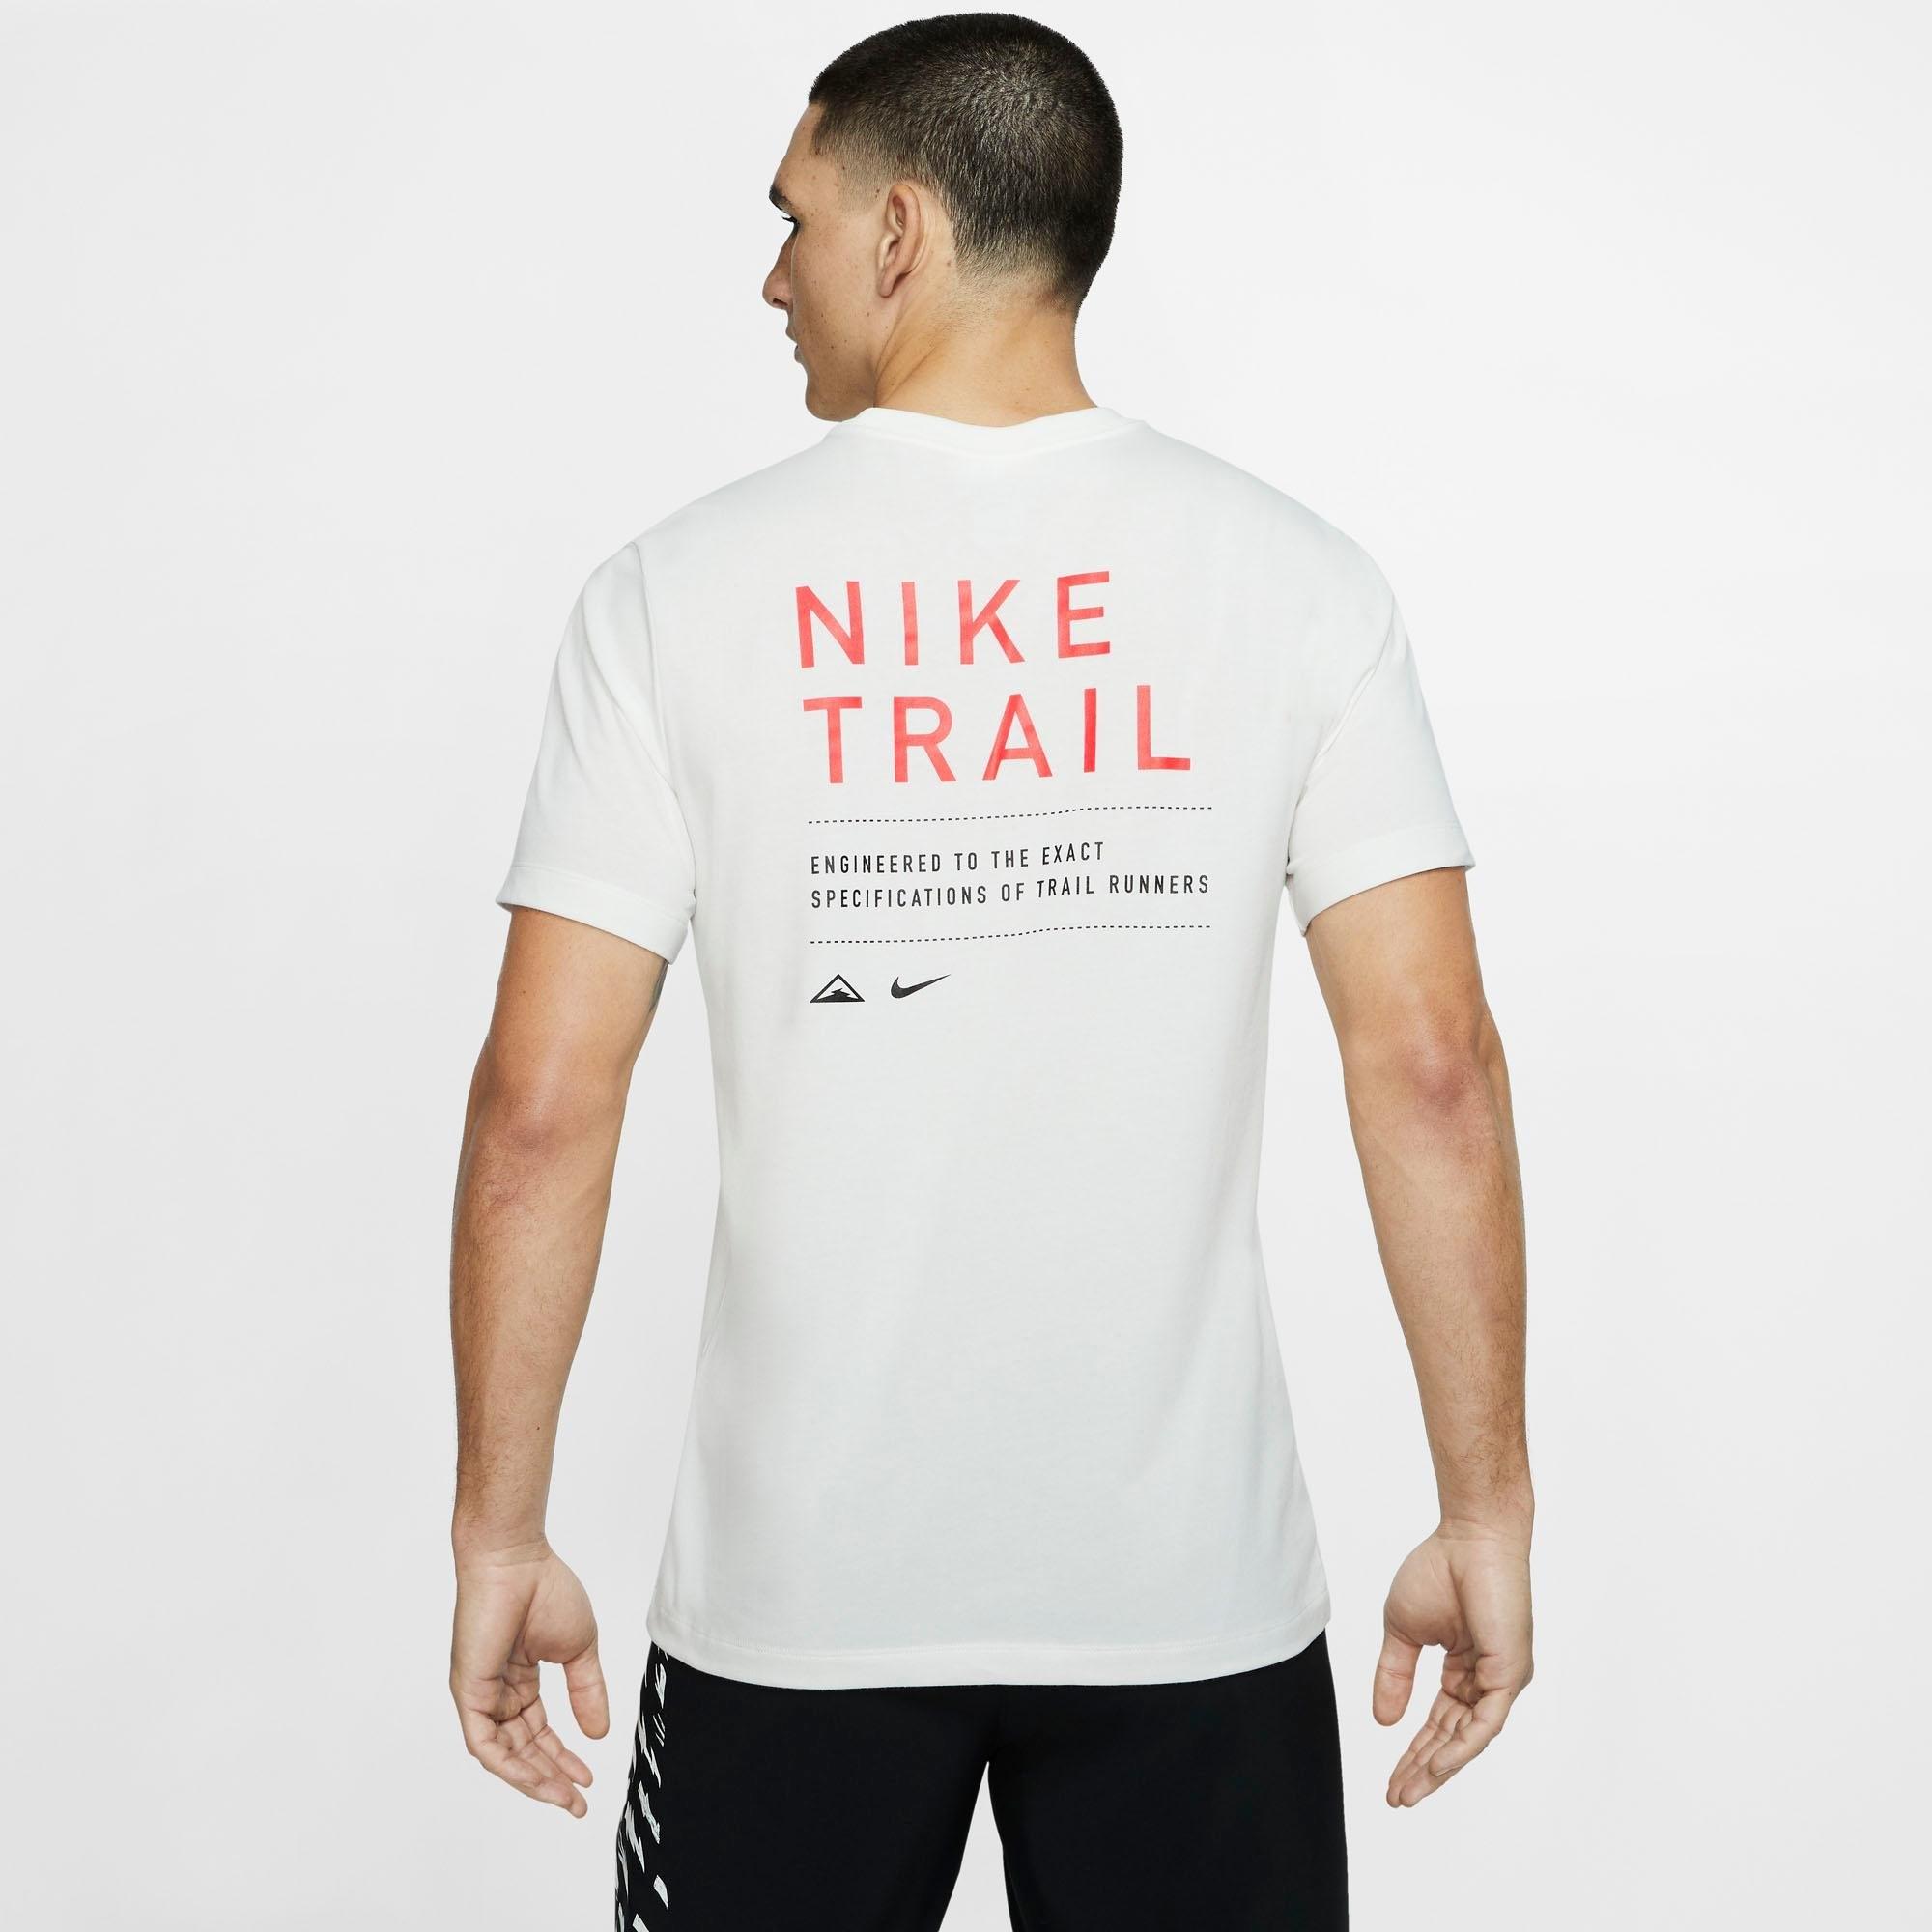 Nike runningshirt »Men's Running T-shirt« - gratis ruilen op otto.nl